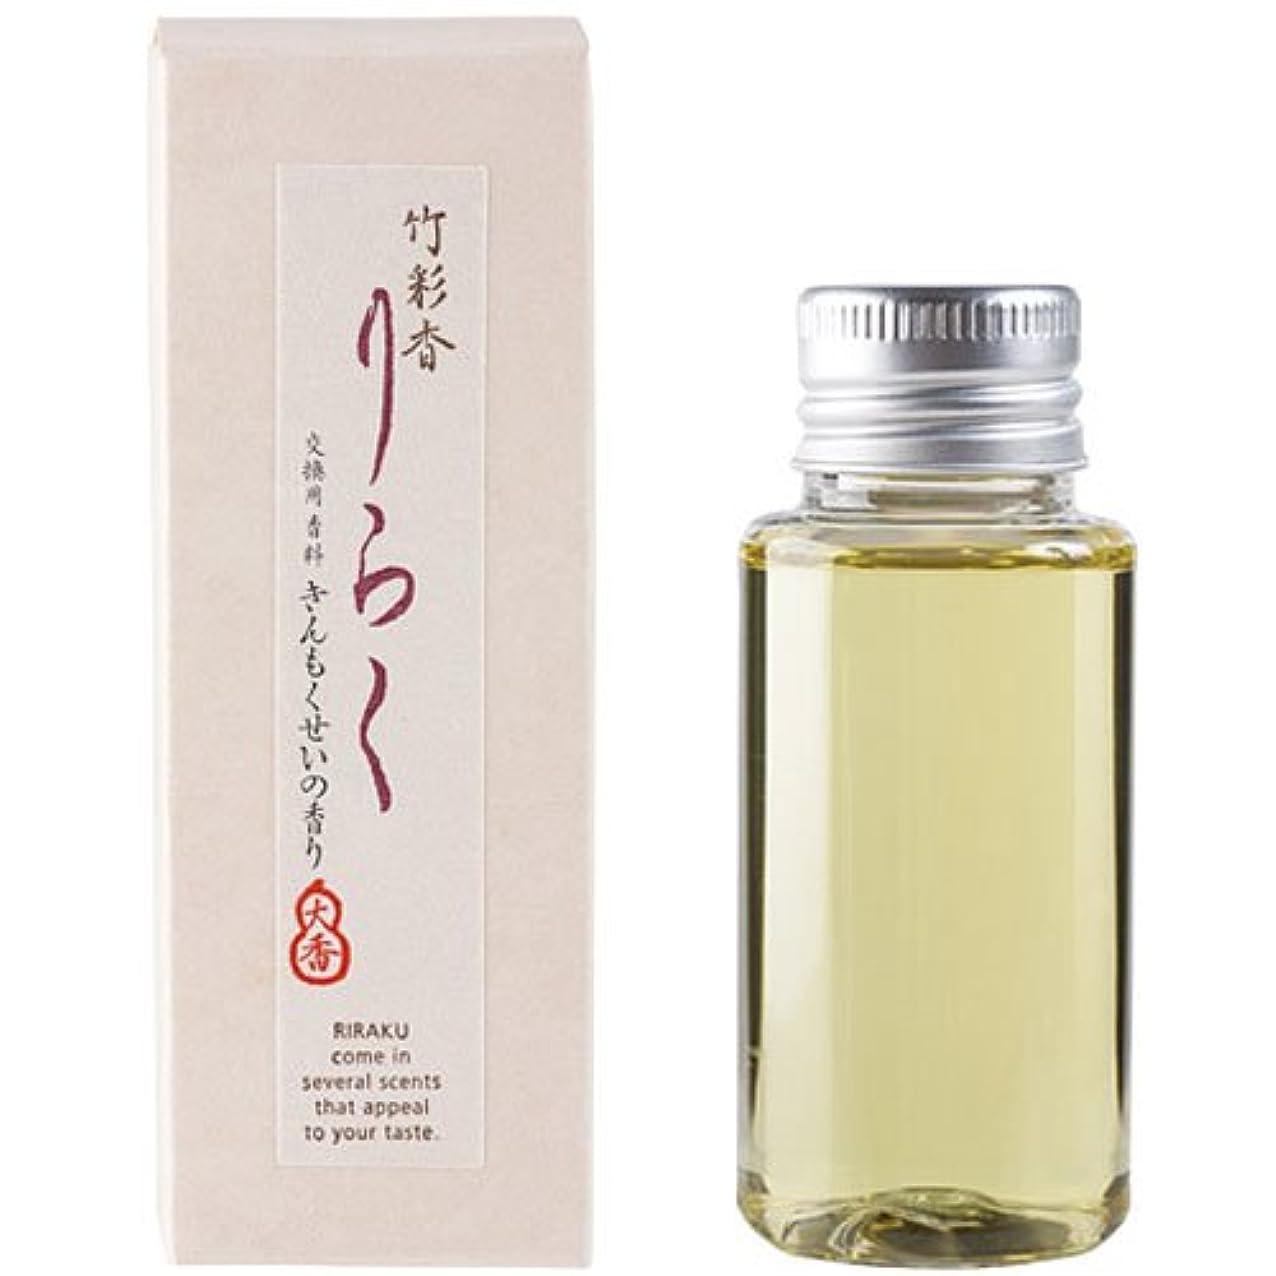 竹彩香りらく 交換用香料きんもくせい 50ml